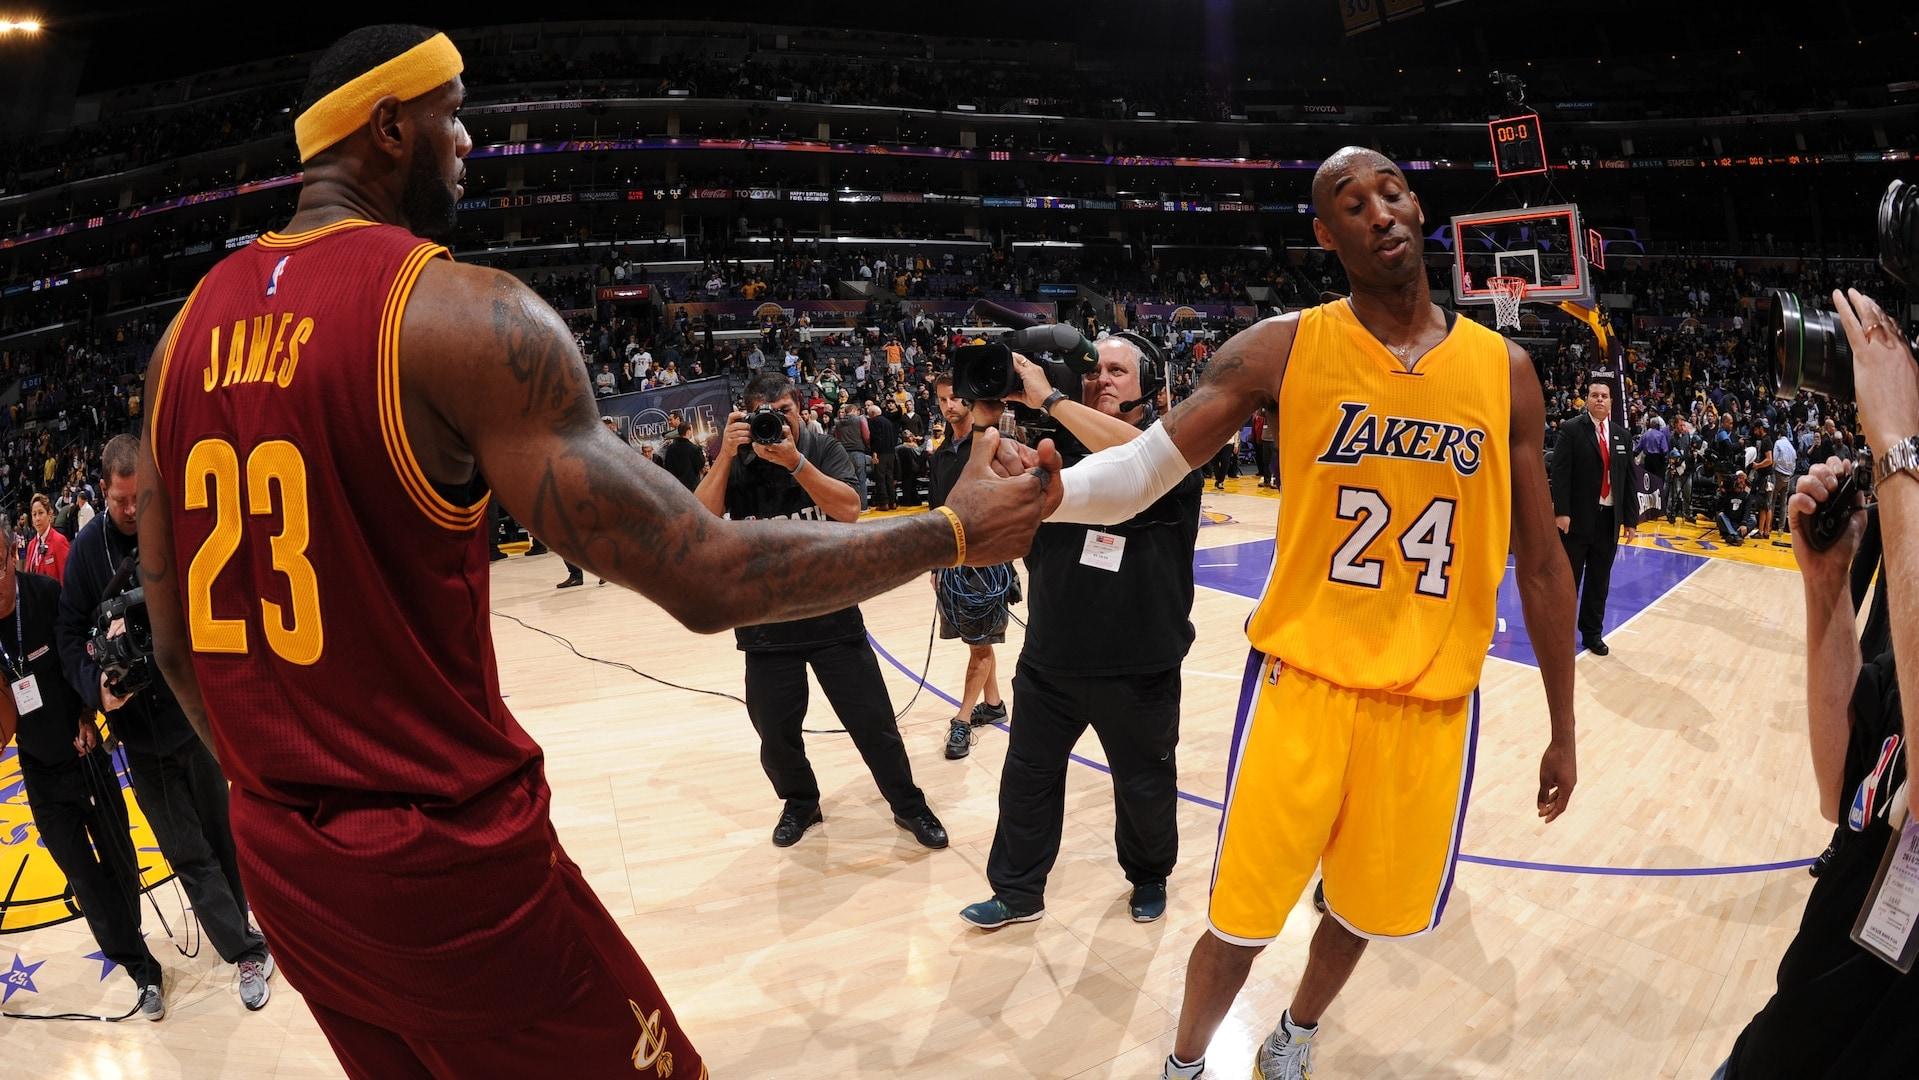 Who has the edge? Statistics help break down Kobe vs. LeBron debate